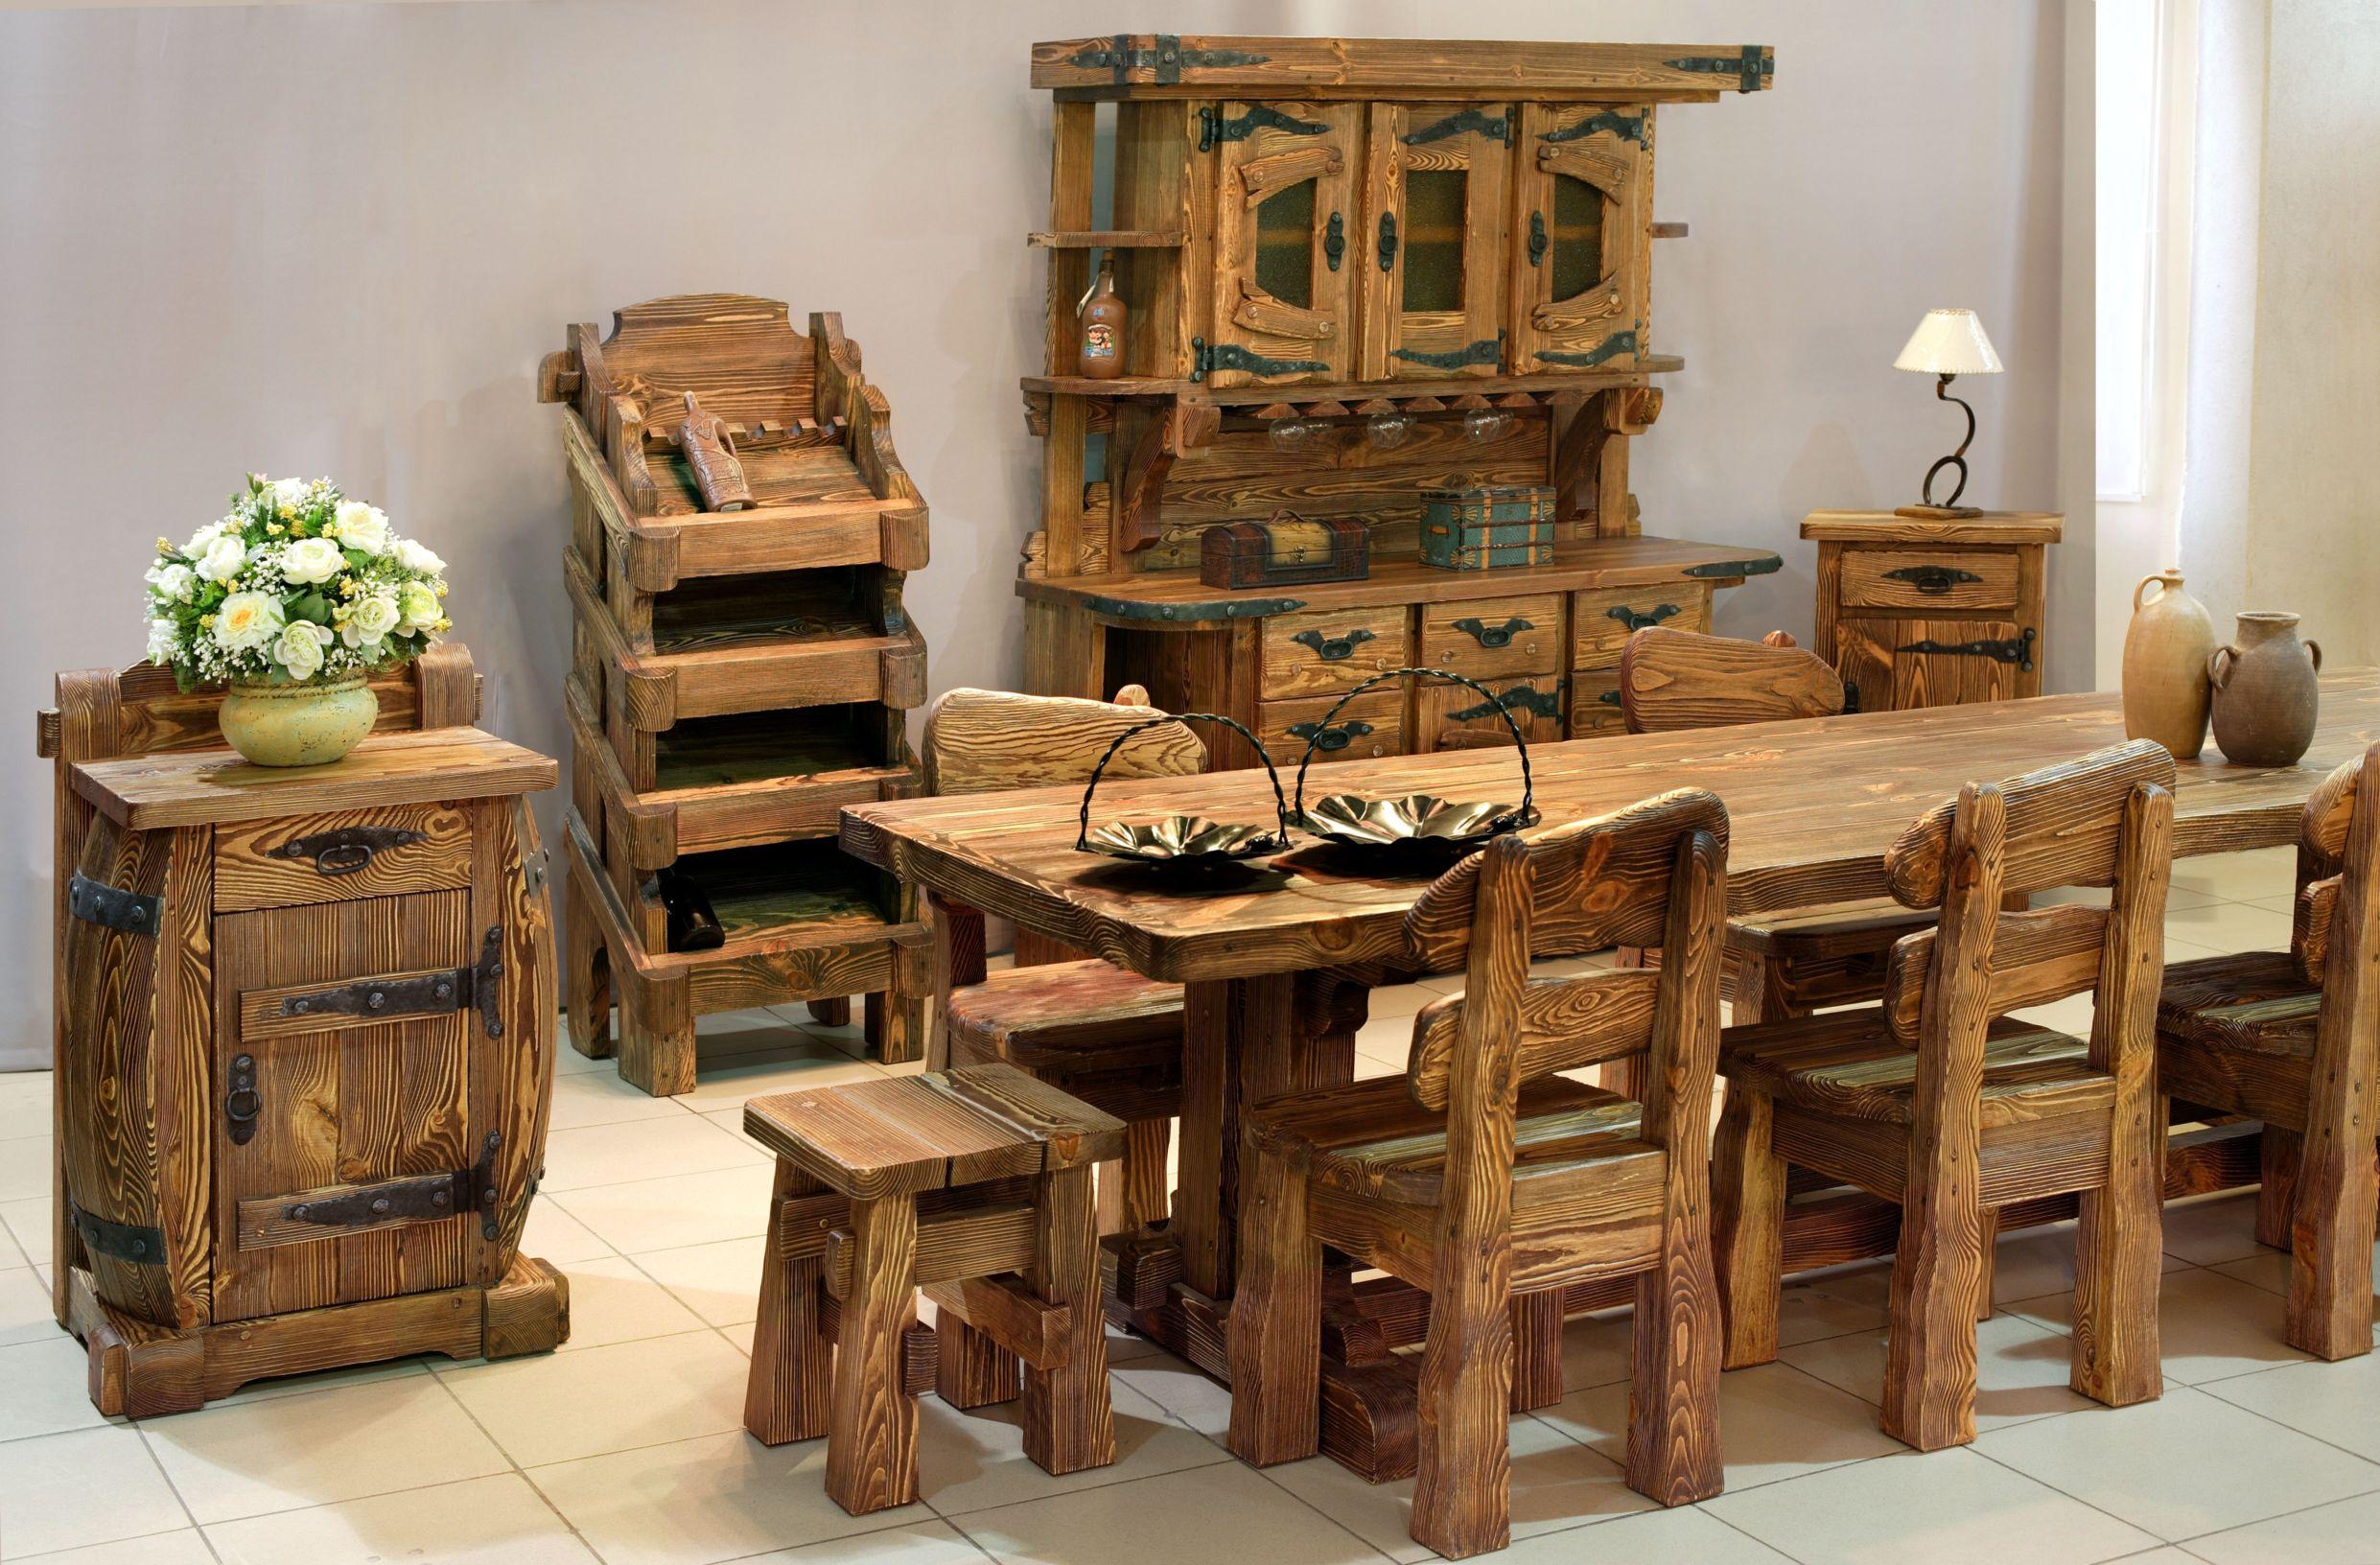 Хорошая мебель из натурального материала